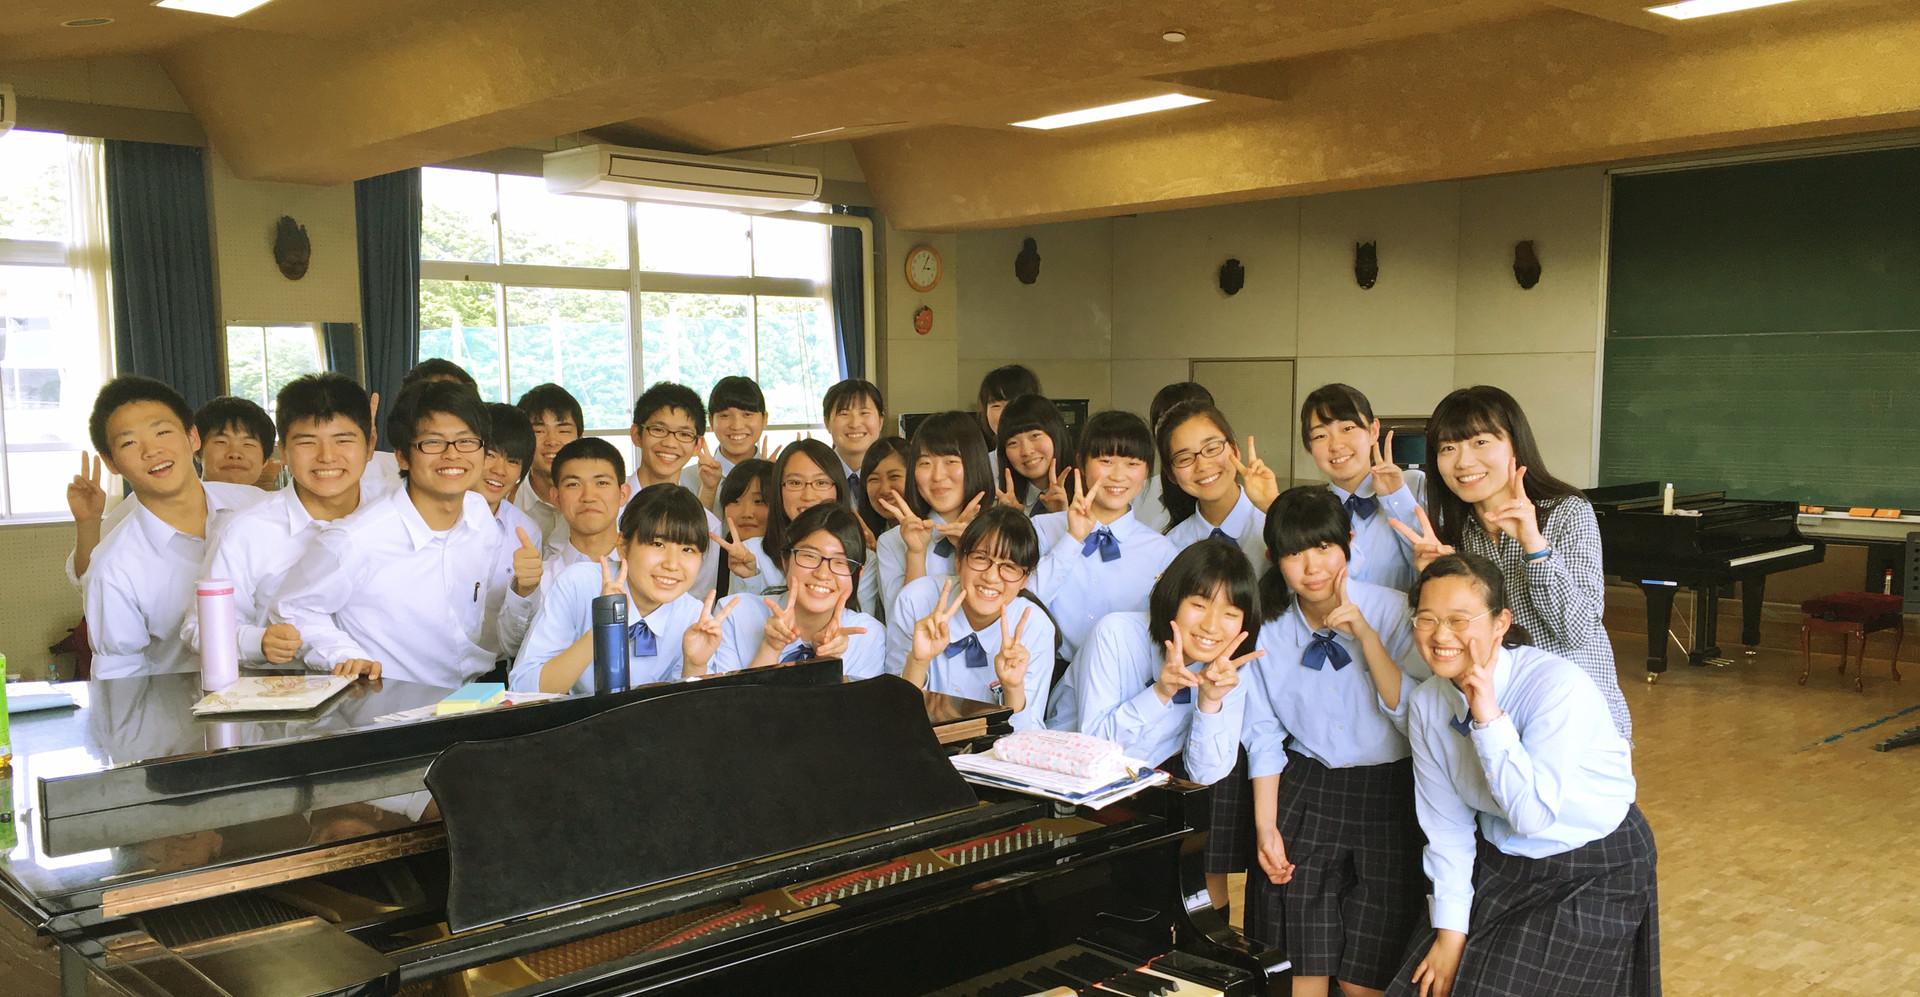 母校・磐城高等学校合唱部レッスンにて。  2016.6